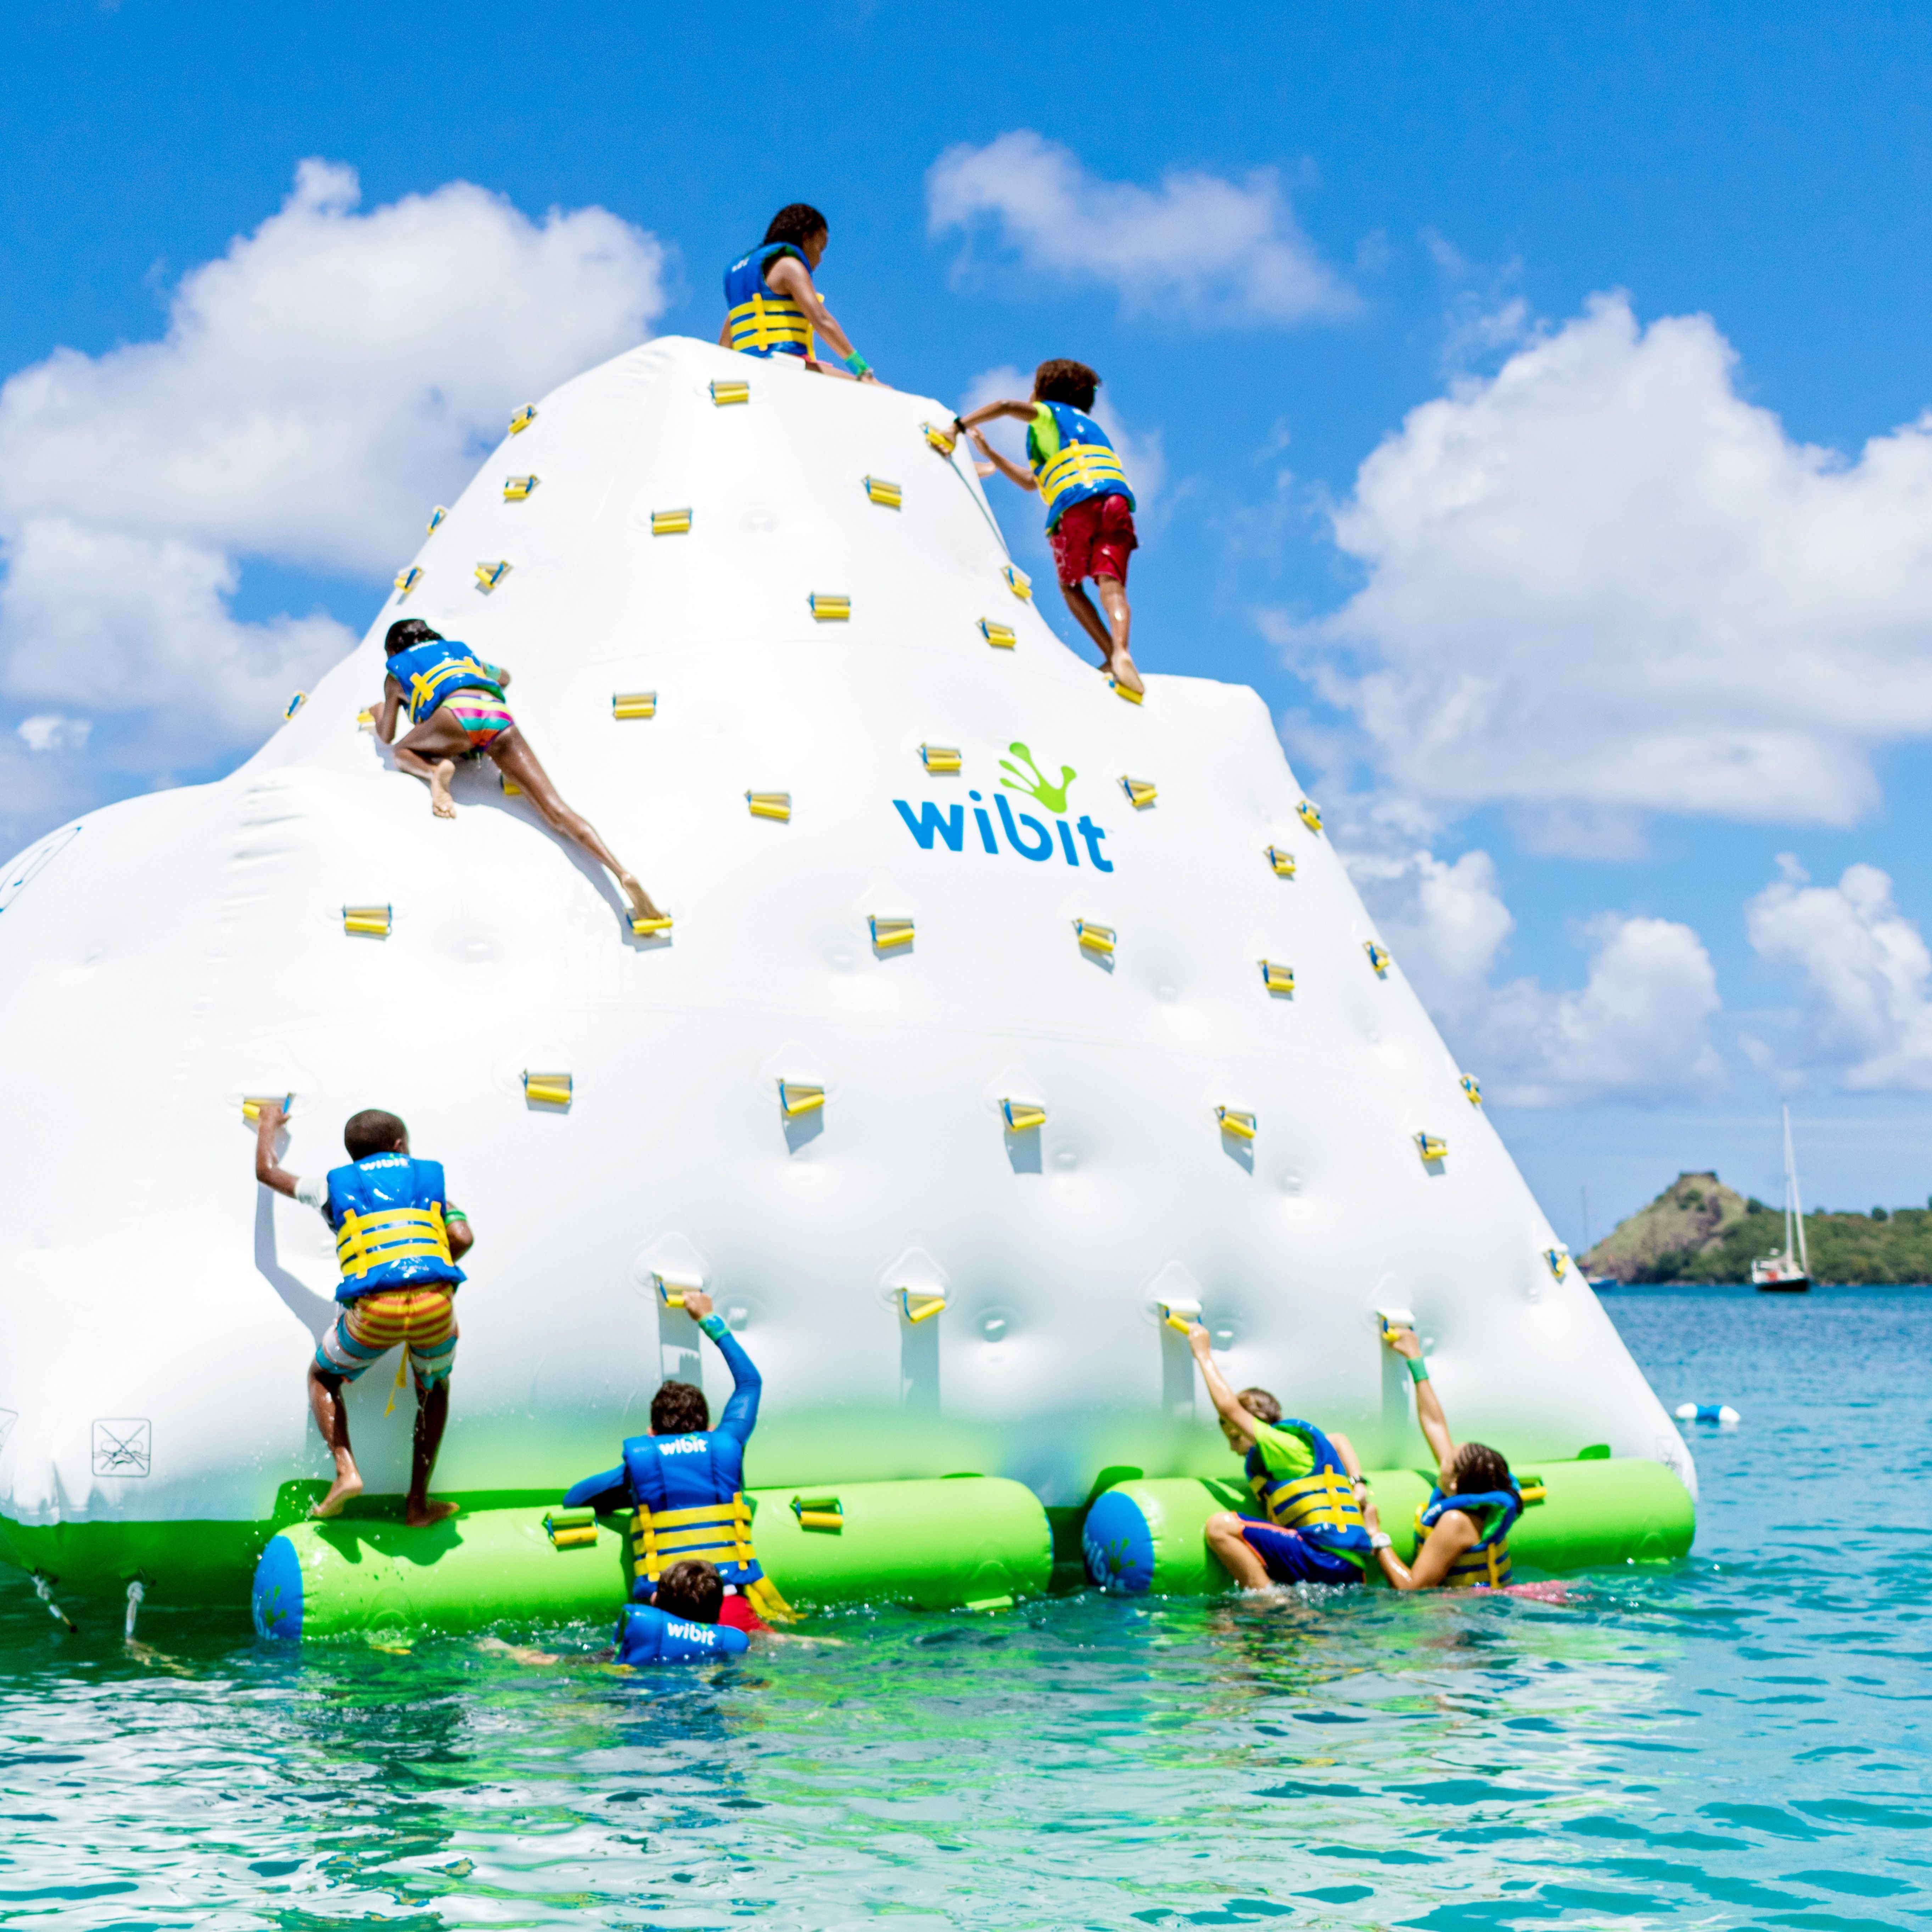 5fe9725cd44f8e71b8563a56d1ab4430 - Bay Gardens Beach Resort Day Pass Reviews